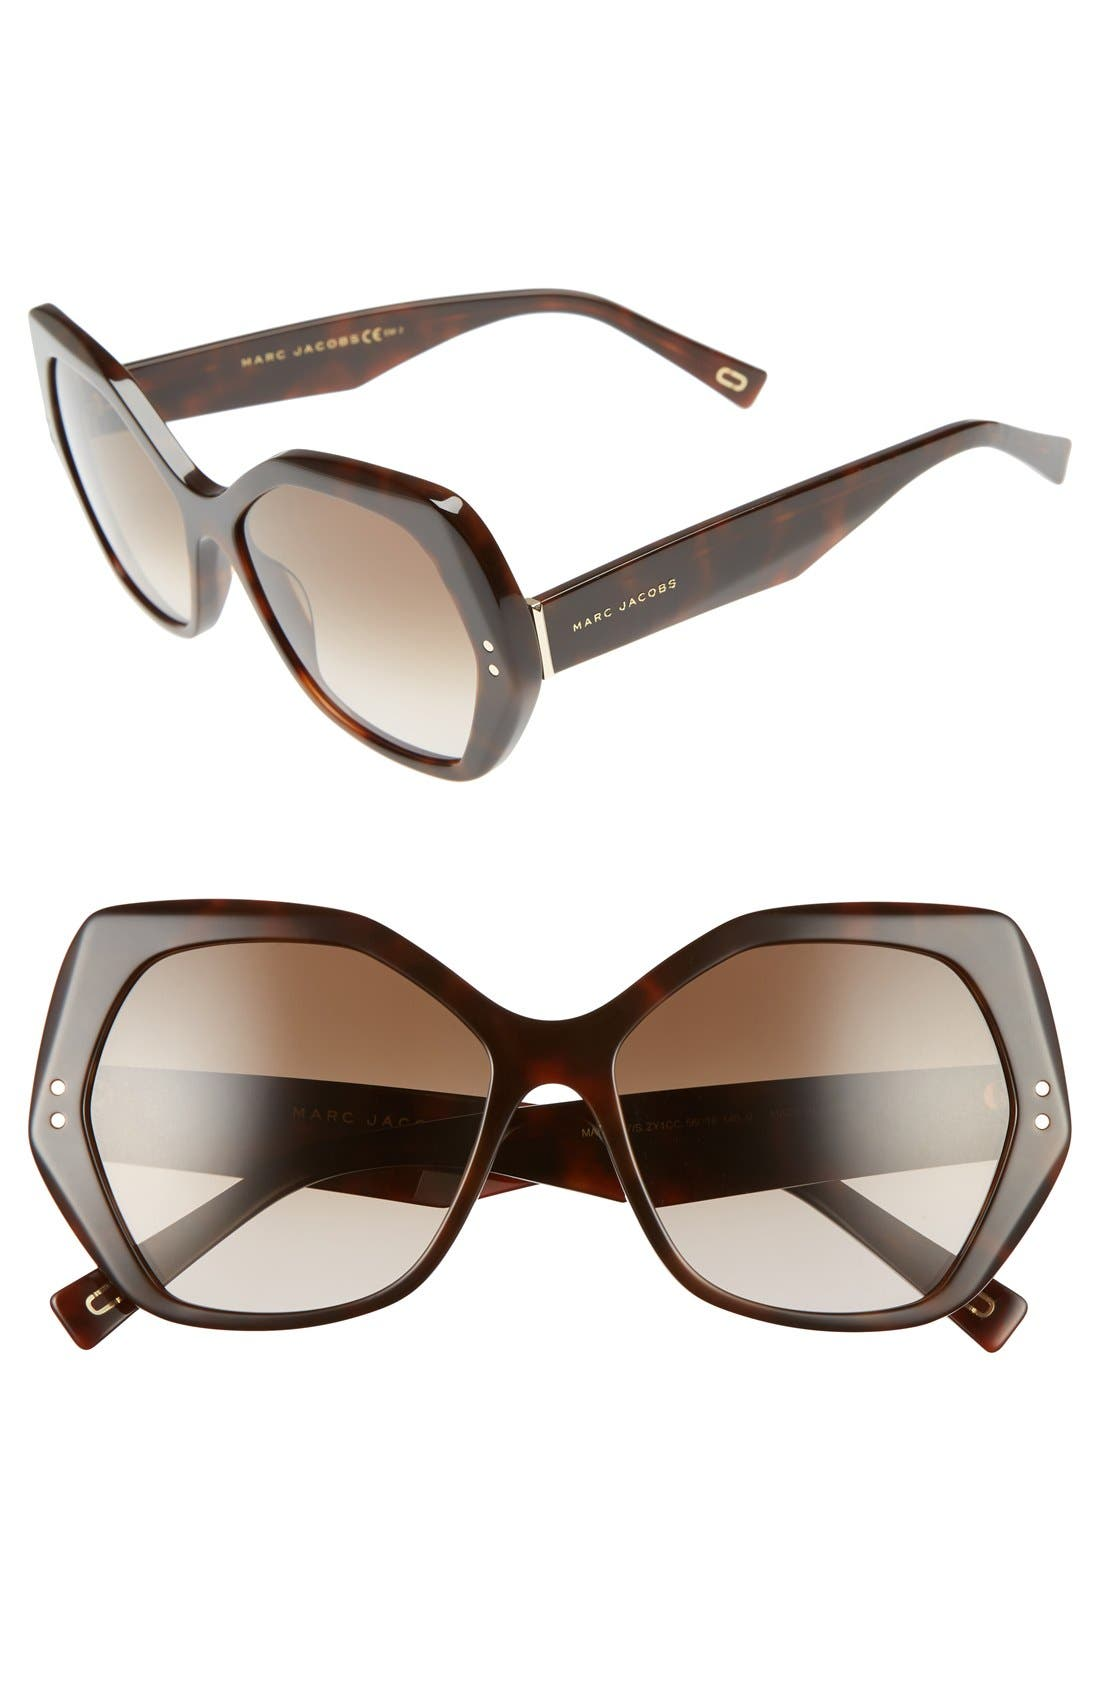 56mm Sunglasses,                             Main thumbnail 1, color,                             Havana Medium